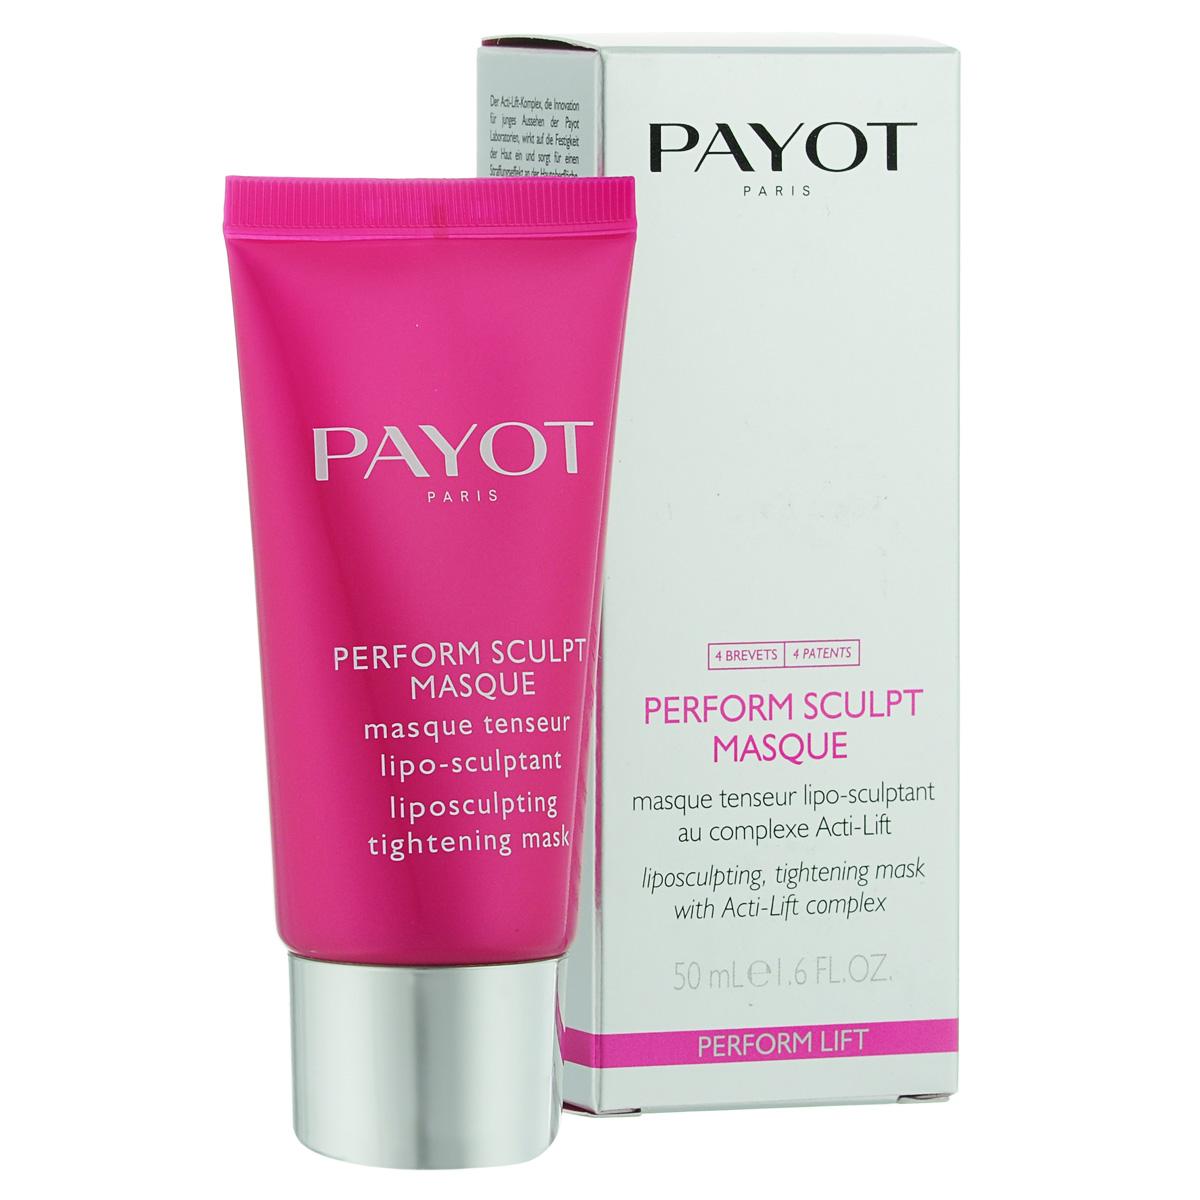 Payot Моделирующая маска Perform Lift для лица с эффектом лифтинга 50 млFS-36054Маска прекрасно подтягивает и разглаживает кожу; снимает напряжение; делает контур лица более четким.Используйте маску 1-2 раза в неделю. Нанесите толстым слоем на кожу лица, шеи и декольте на 15 минут, удалите излишки салфеткой, далее используйте тоник.